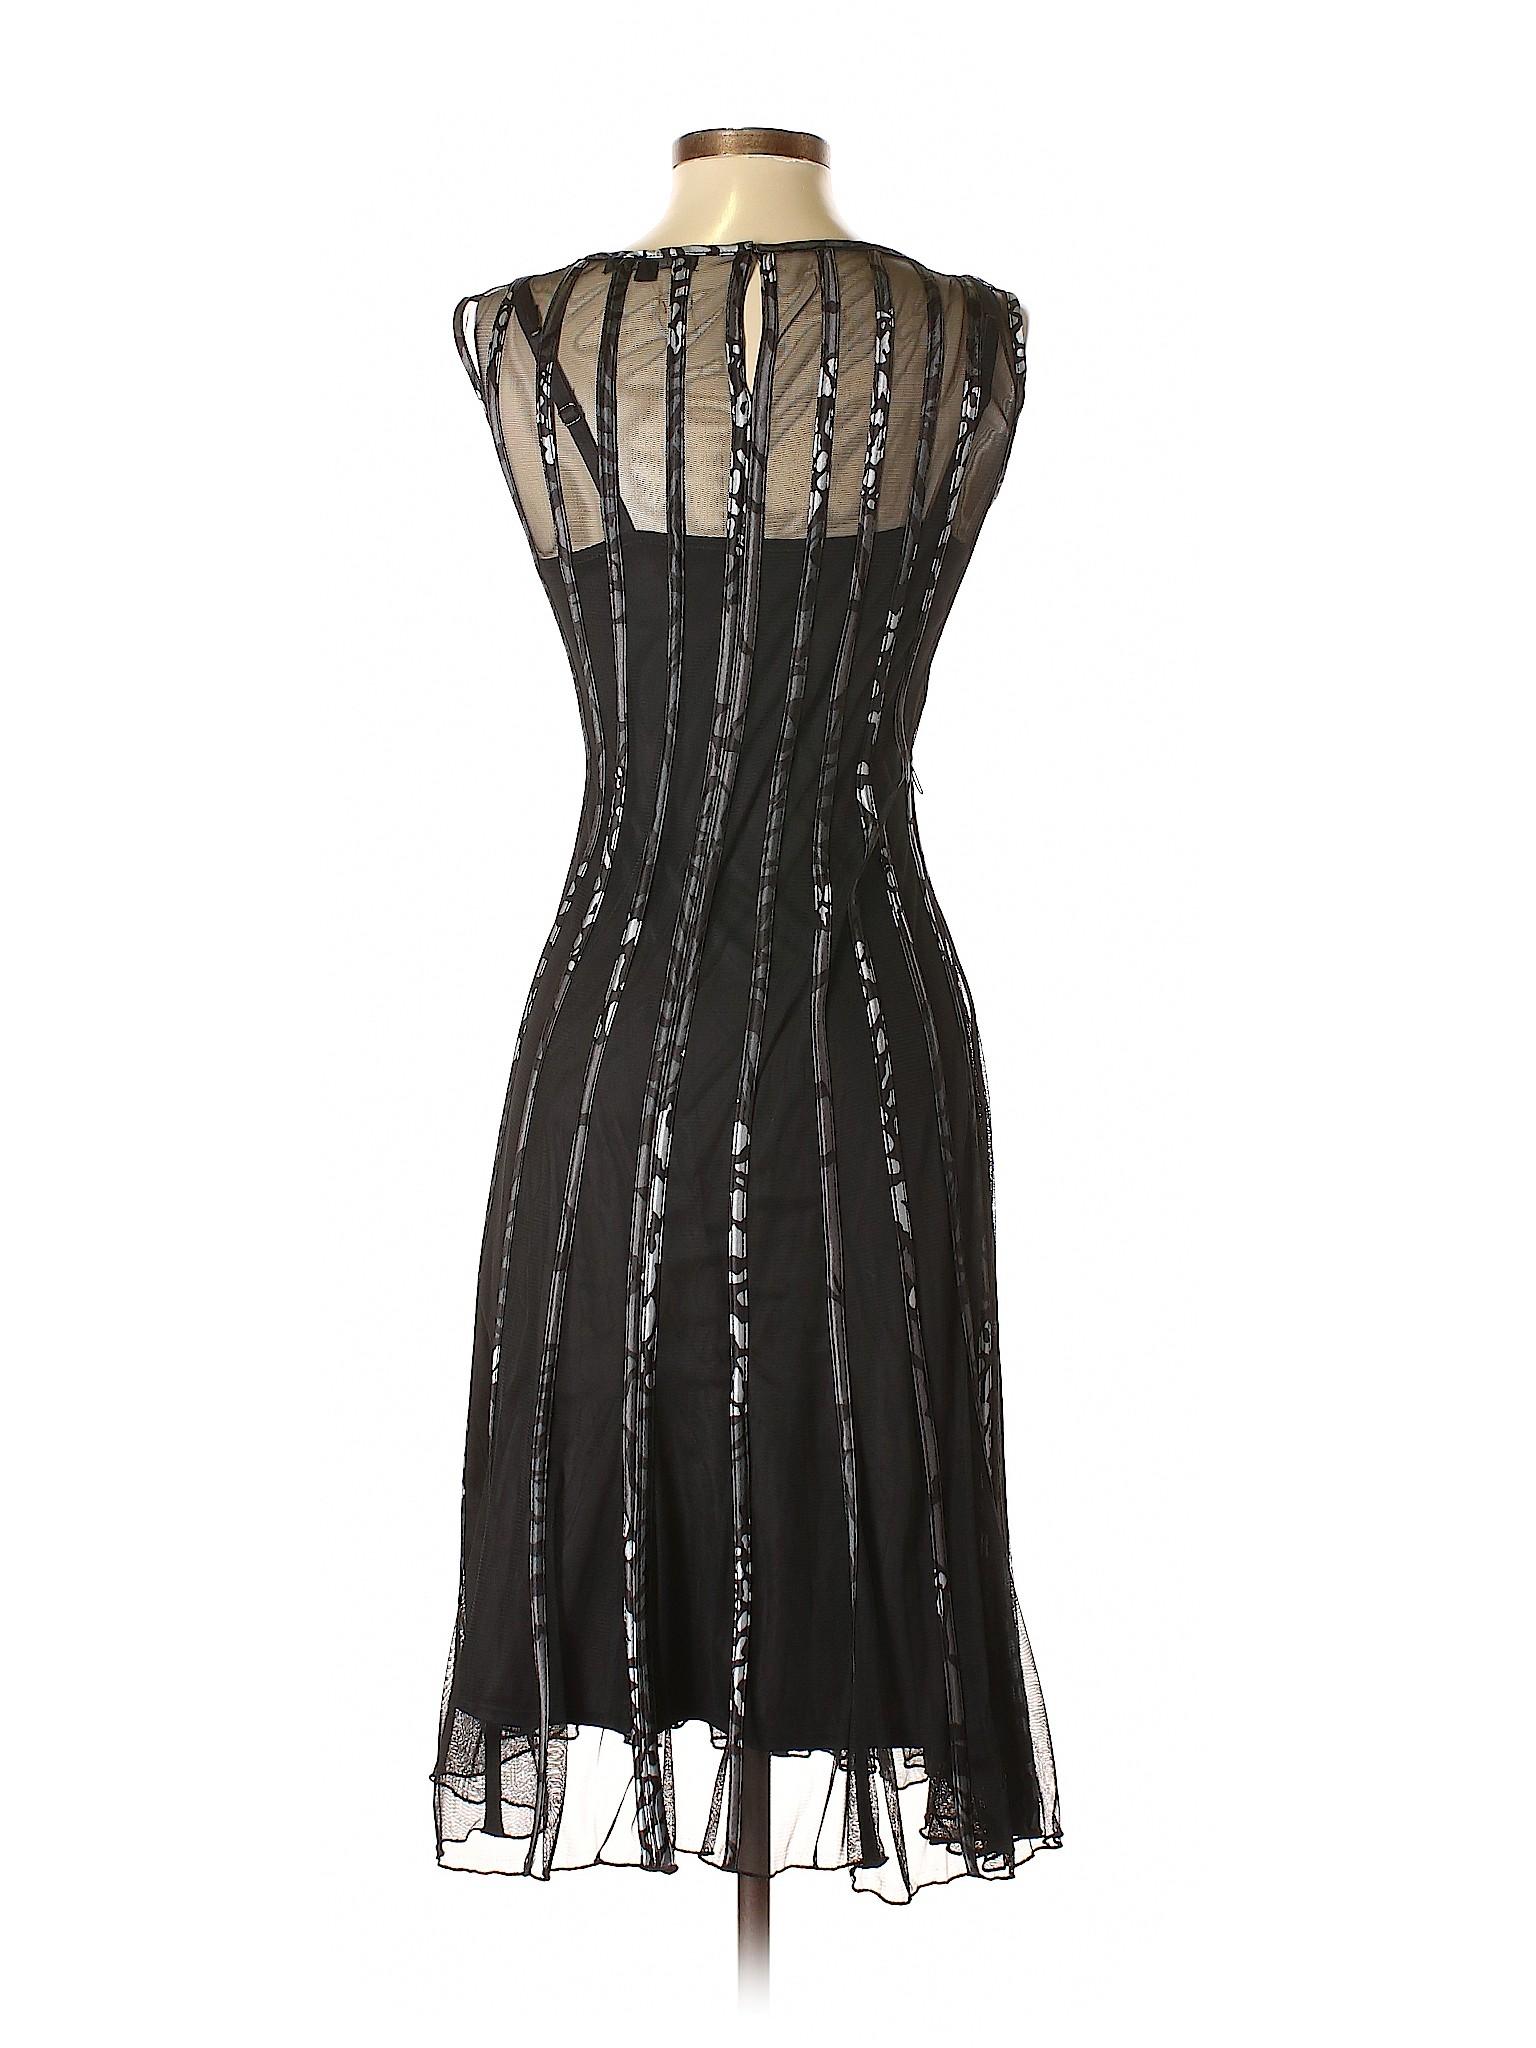 Boutique Casual Sandra Dress Darren winter xYwqYrH16